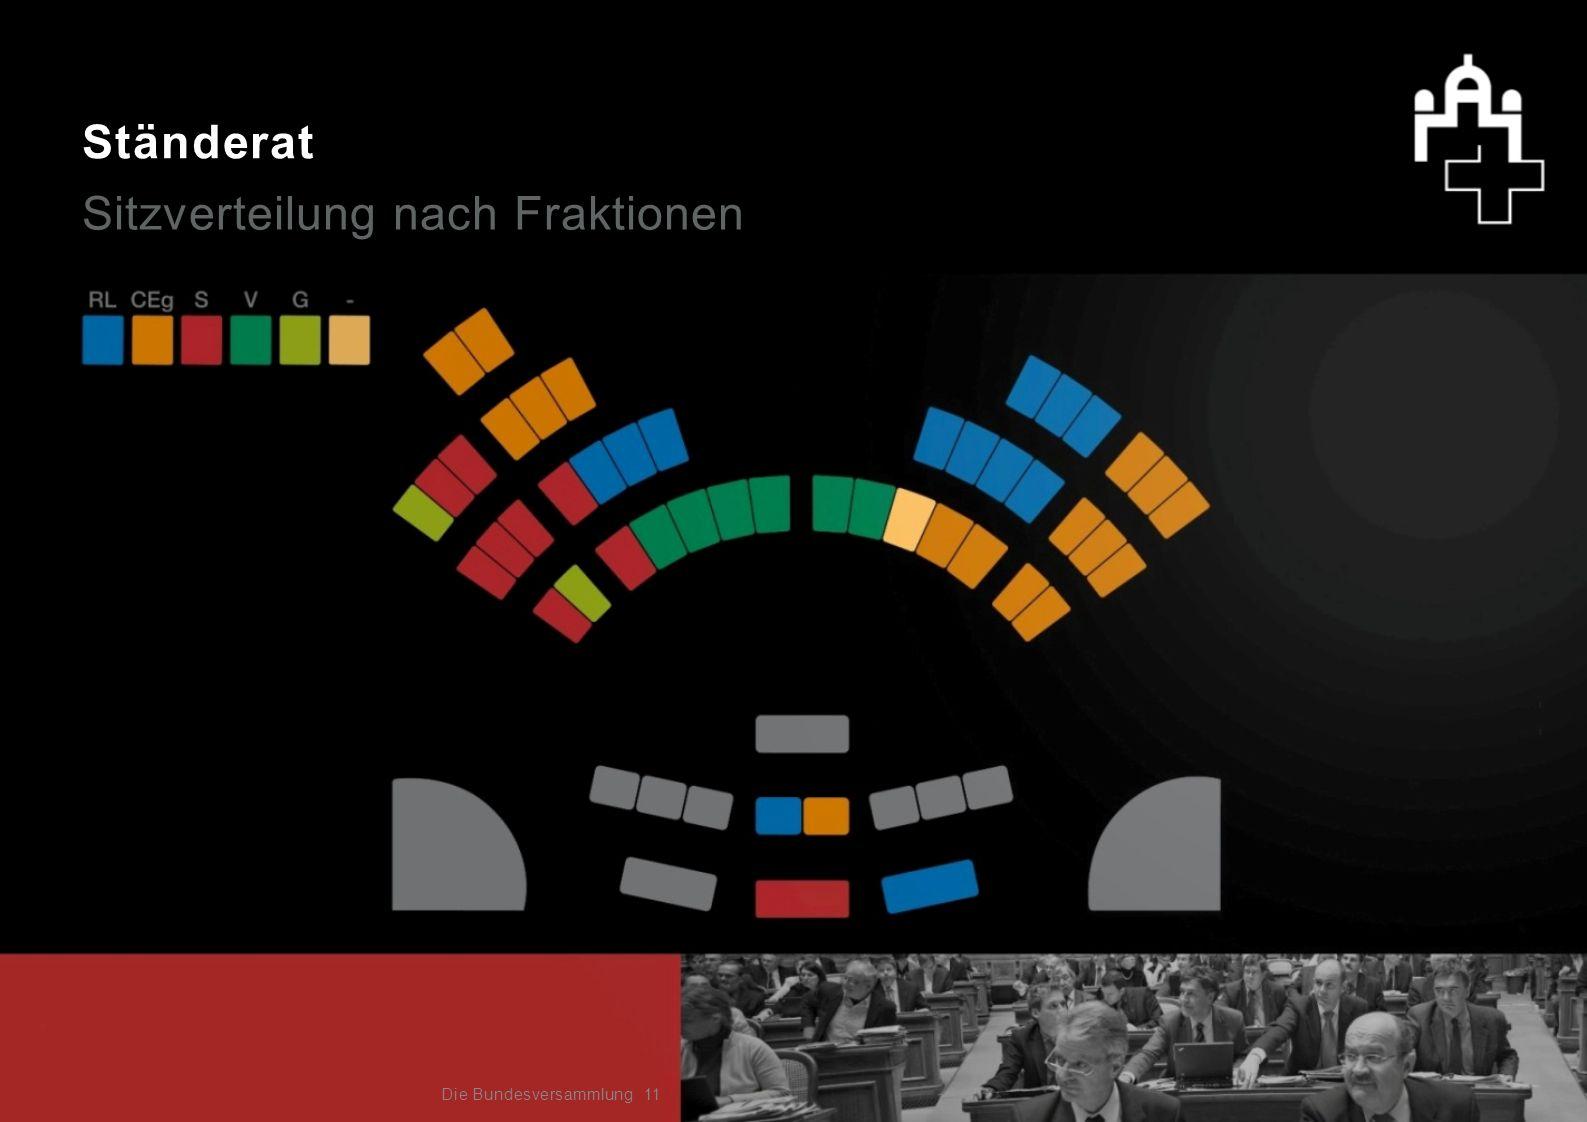 Sitzverteilung nach Fraktionen